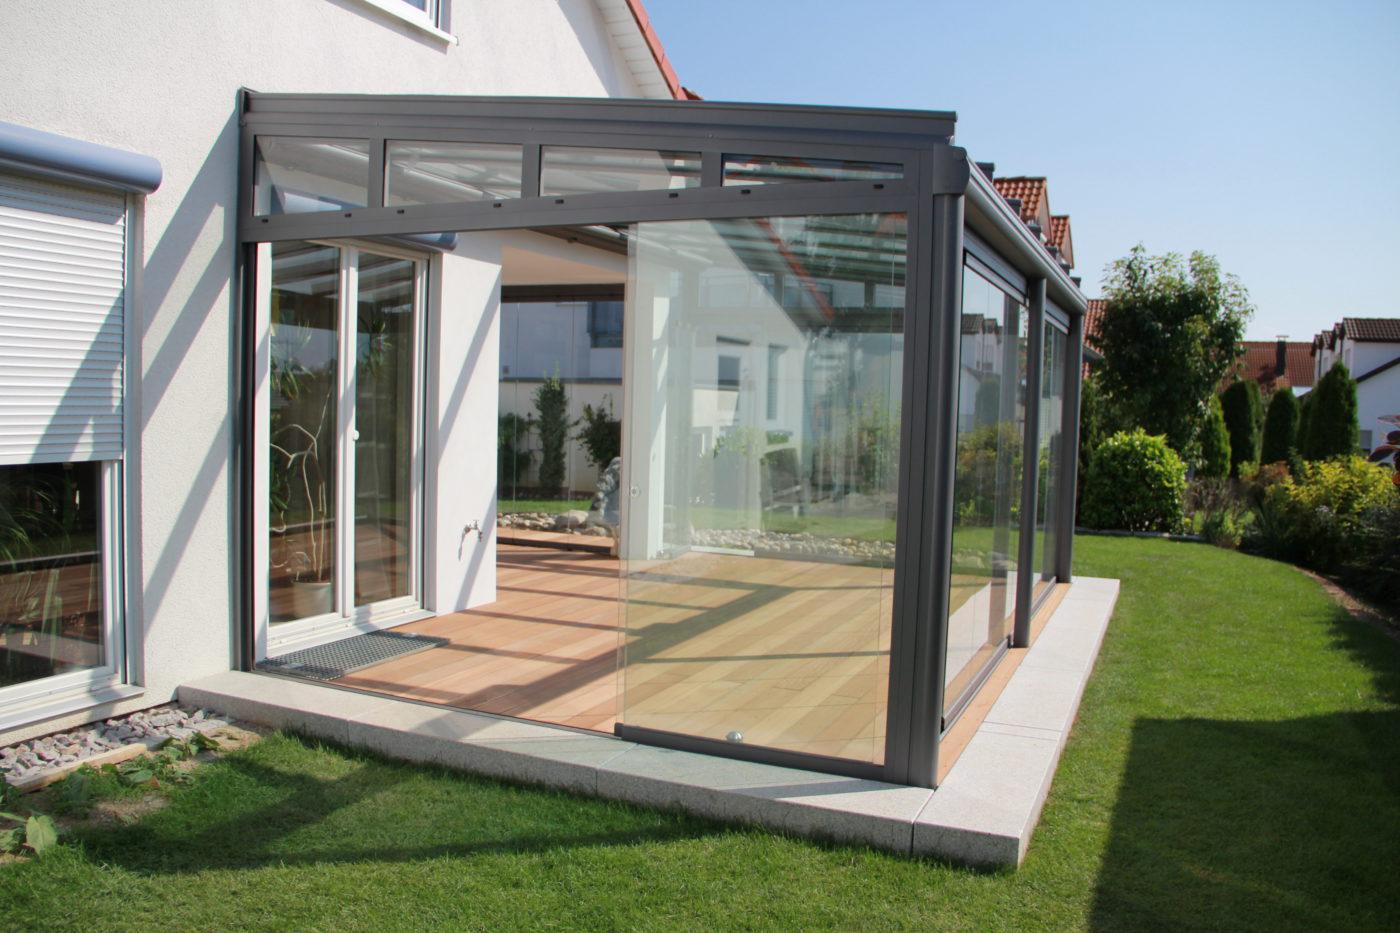 Terrassenüberdachung aus Glas, teilweise geschlossen mit Seitenelementen